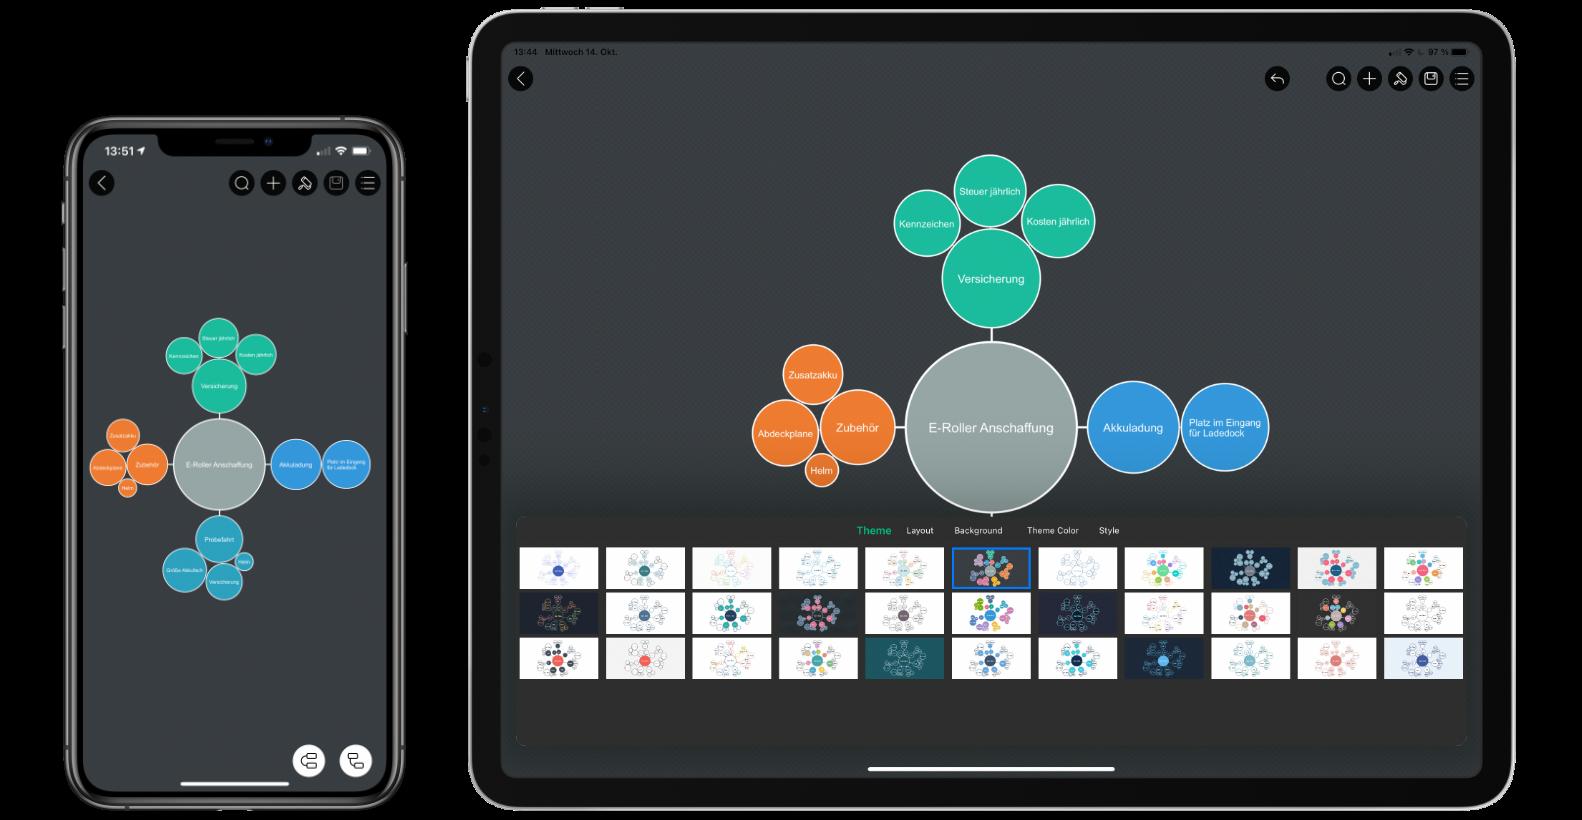 MindMaster-von-edraw-professionelles-Mindmapping-fuer-iPhone-iPad-und-den-Mac2 MindMaster von edraw - professionelles Mindmapping für iPhone, iPad und den Mac